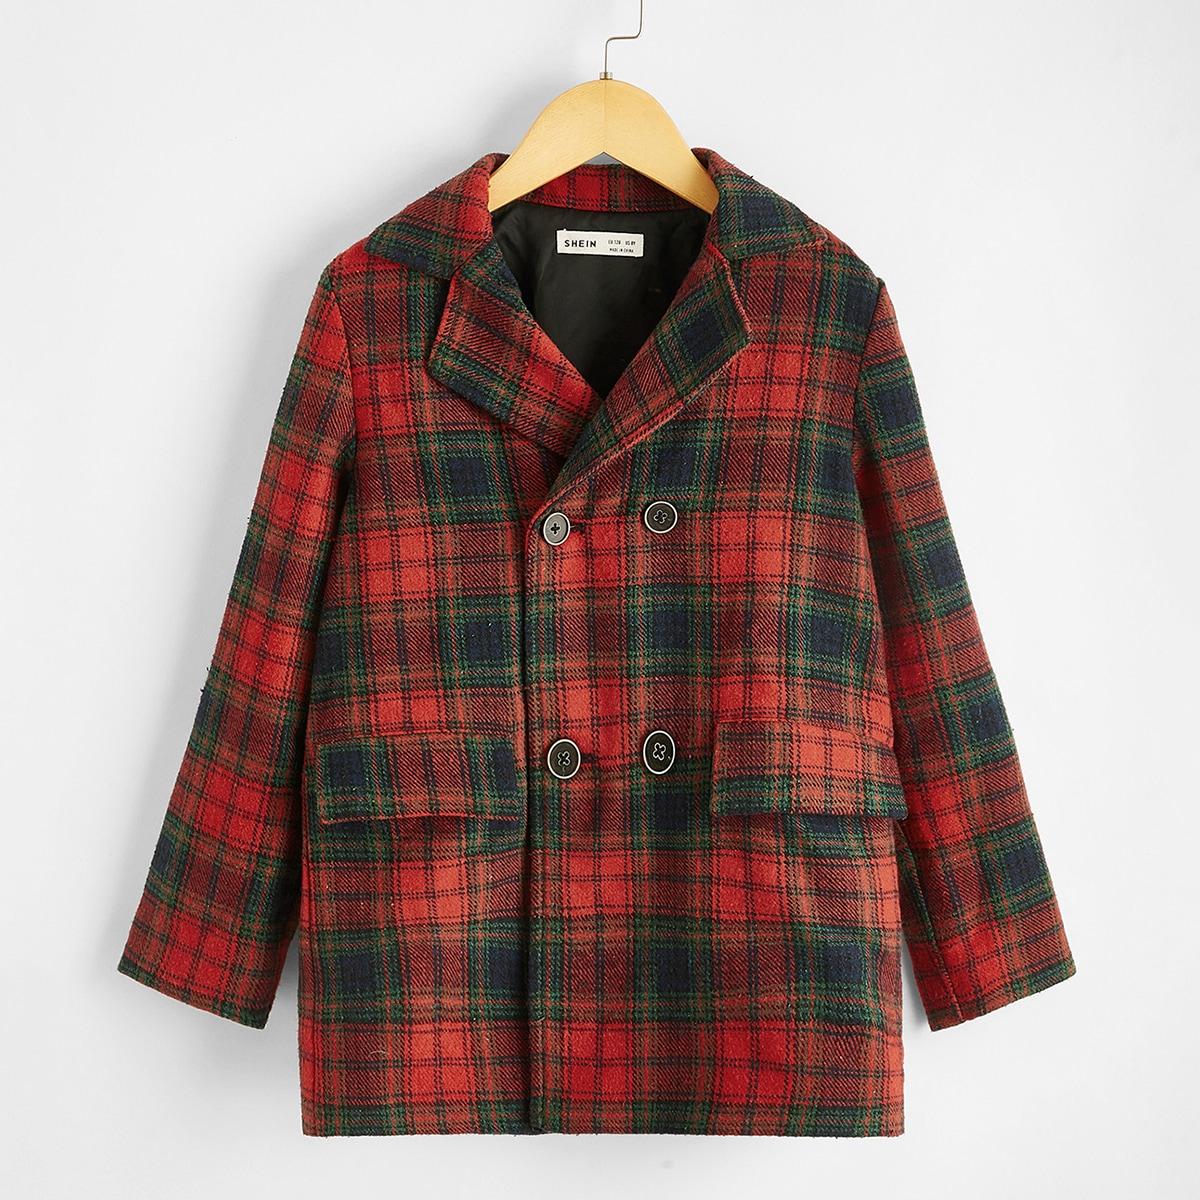 Mantel mit eingekerbtem Kragen, Knöpfen vorn und Plaid Muster